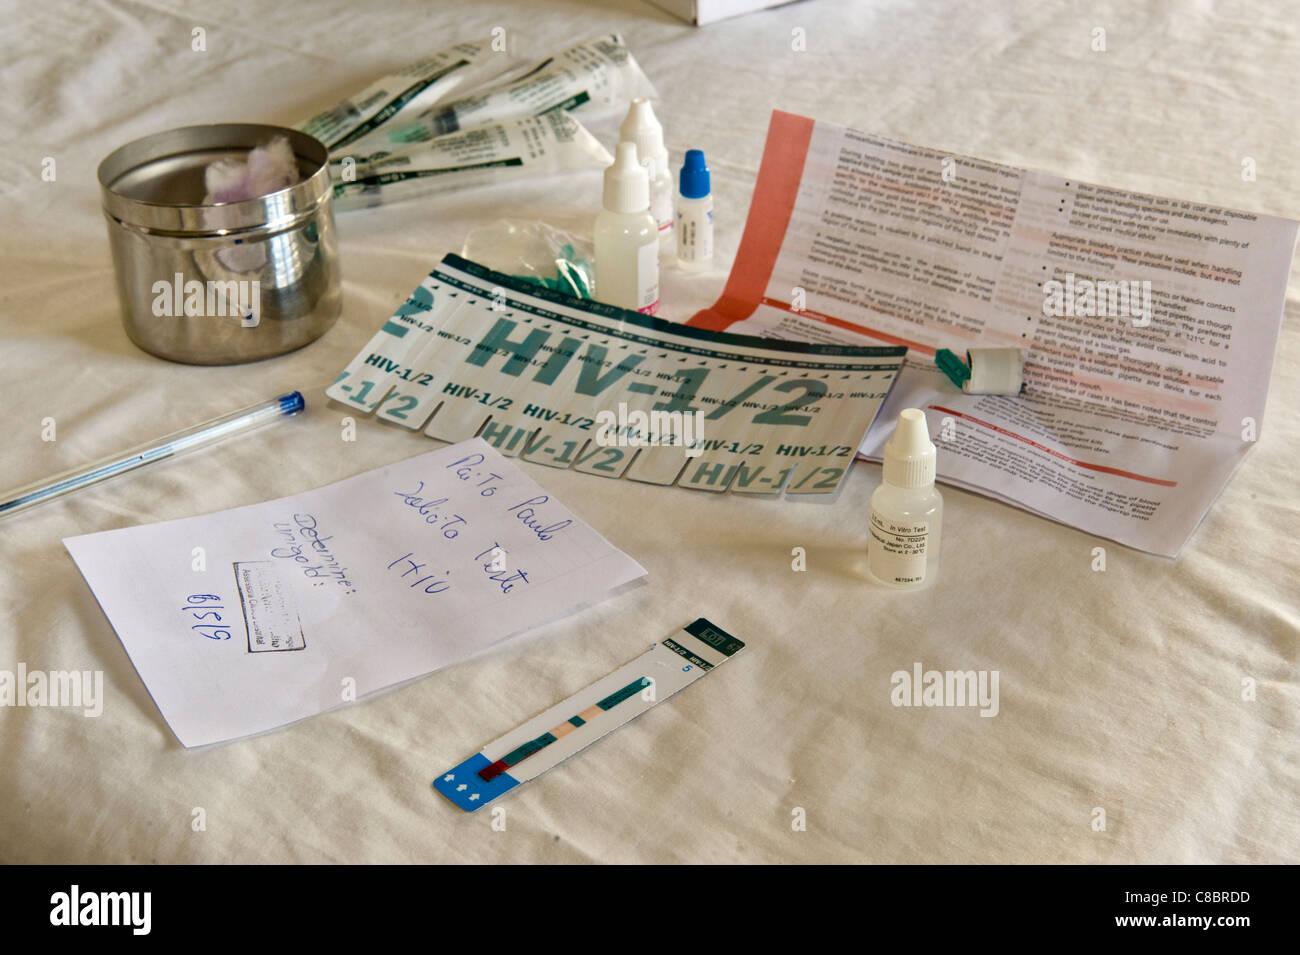 Tira de pruebas rápidas del VIH con resultado positivo en Quelimane, Mozambique Imagen De Stock